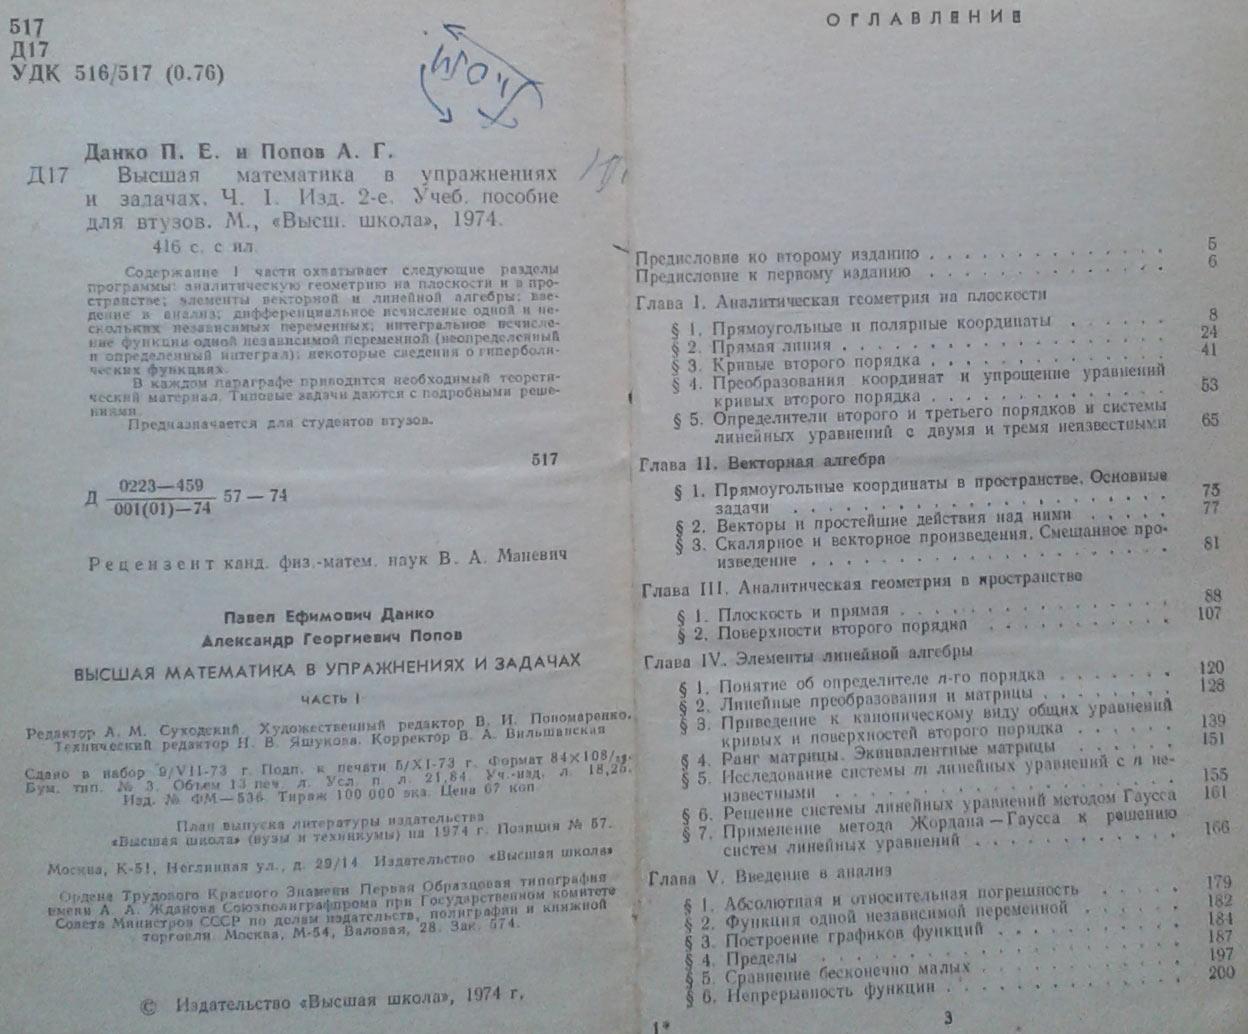 решебник данко высшая математика в упражнениях и задачах 2 часть онлайн